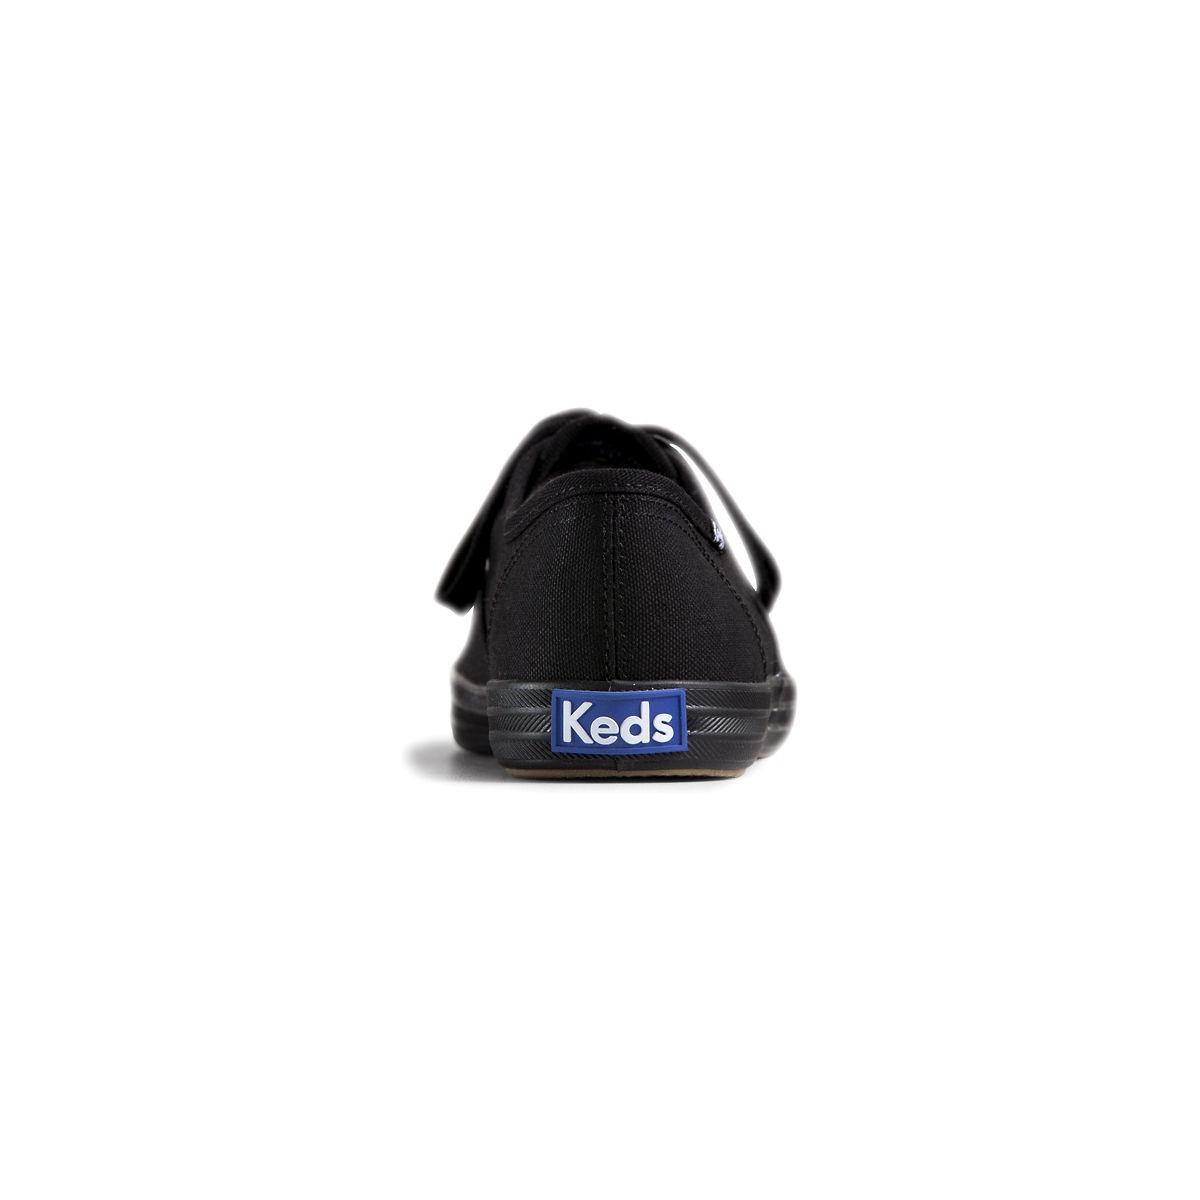 נעלי קדס נשים Keds champion black